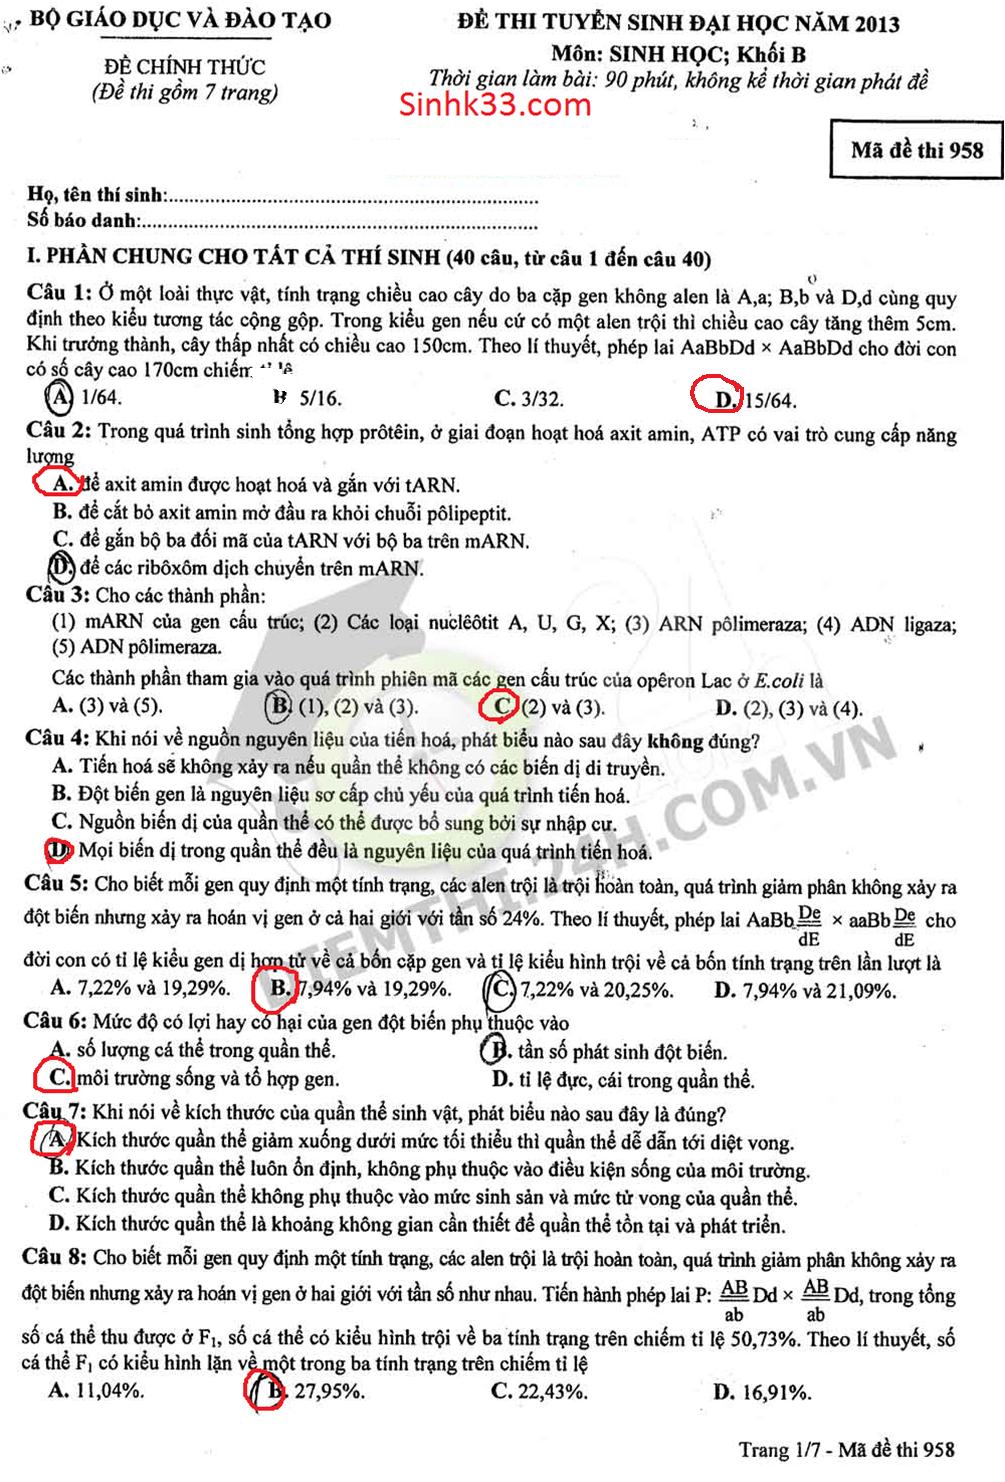 Đáp án đề thi địa học môn sinh học 2013